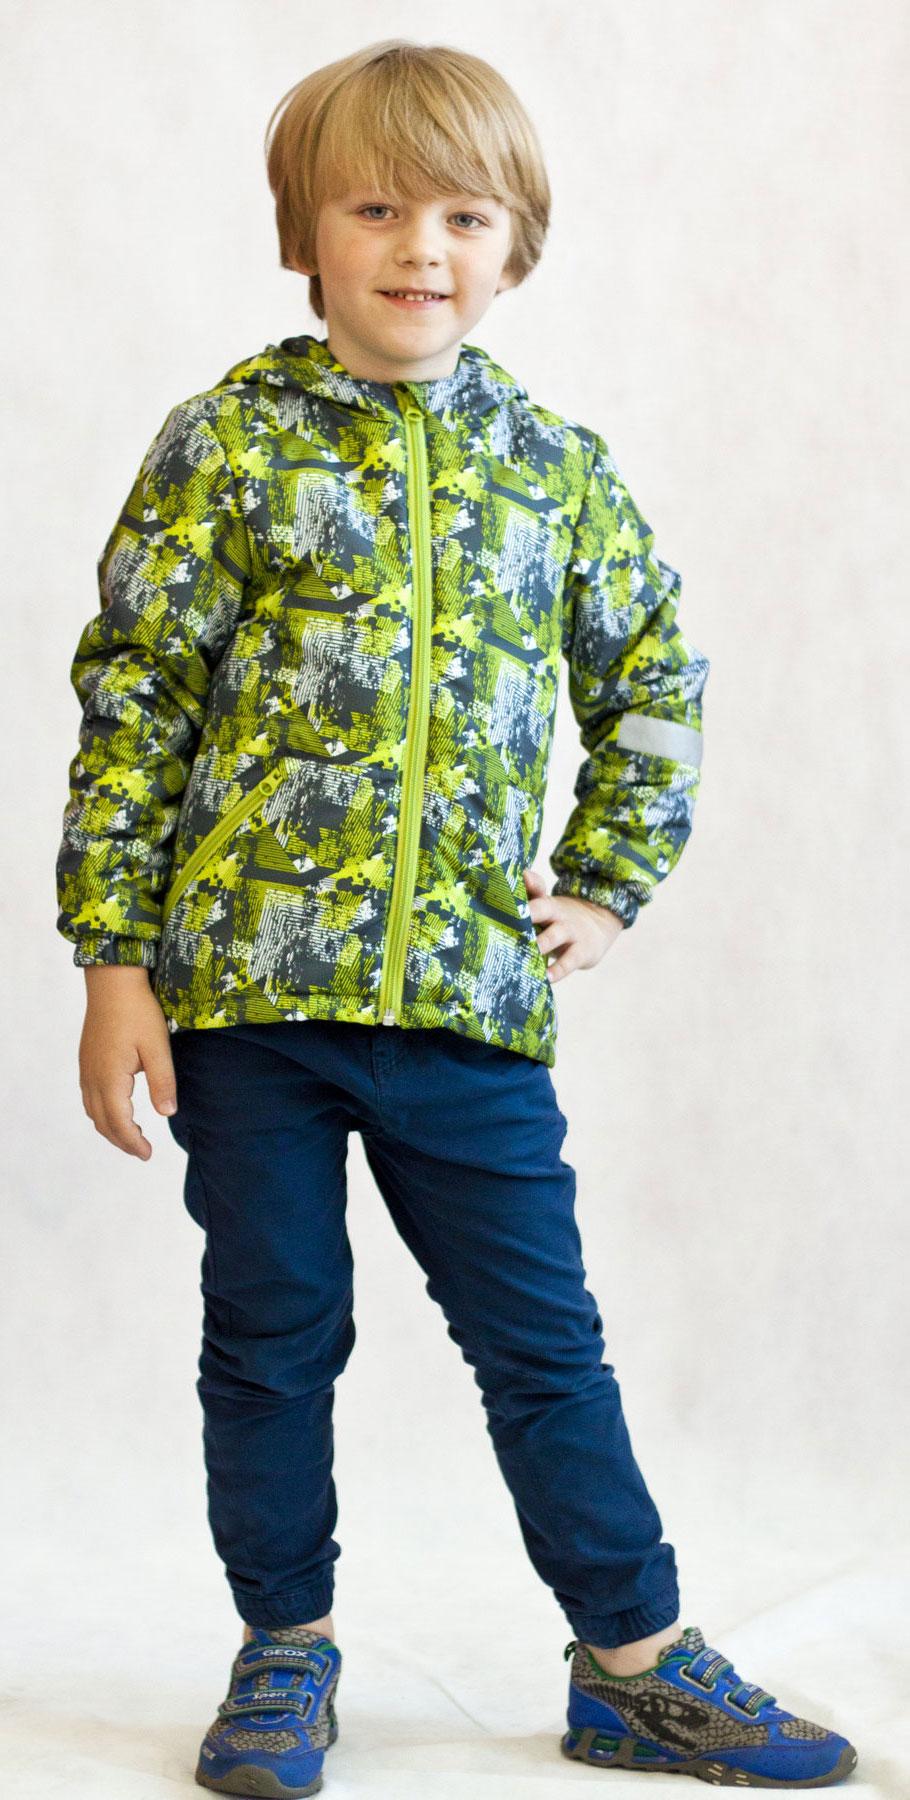 Куртка для мальчика Jicco Илар, цвет: серый, салатовый. 2К1719. Размер 122, 7 лет2К1719Легкая и удобная весенняя куртка Илар от Jicco By Oldos отлично подойдет для прохладной весенней погоды. Модель выполнена из полиэстера со специальным водоотталкивающим покрытием, застегивается на молнию. Благодаря утеплителю Hollofan плотностью 100 г/м2 куртку можно носить при температуре +10…-5°С. Она прекрасно защитит от ветра и весеннего дождика. Куртка имеет все самое необходимое для комфортной носки. Внутренняя ветрозащитная планка по всей длине молнии с защитой подбородка от прищемления. Низ куртки регулируется по ширине. Капюшон несъемный, для лучшего прилегания по краям вшита резинка. Манжеты присобраны на резинку. Есть светоотражающие элементы и карманы на молнии.